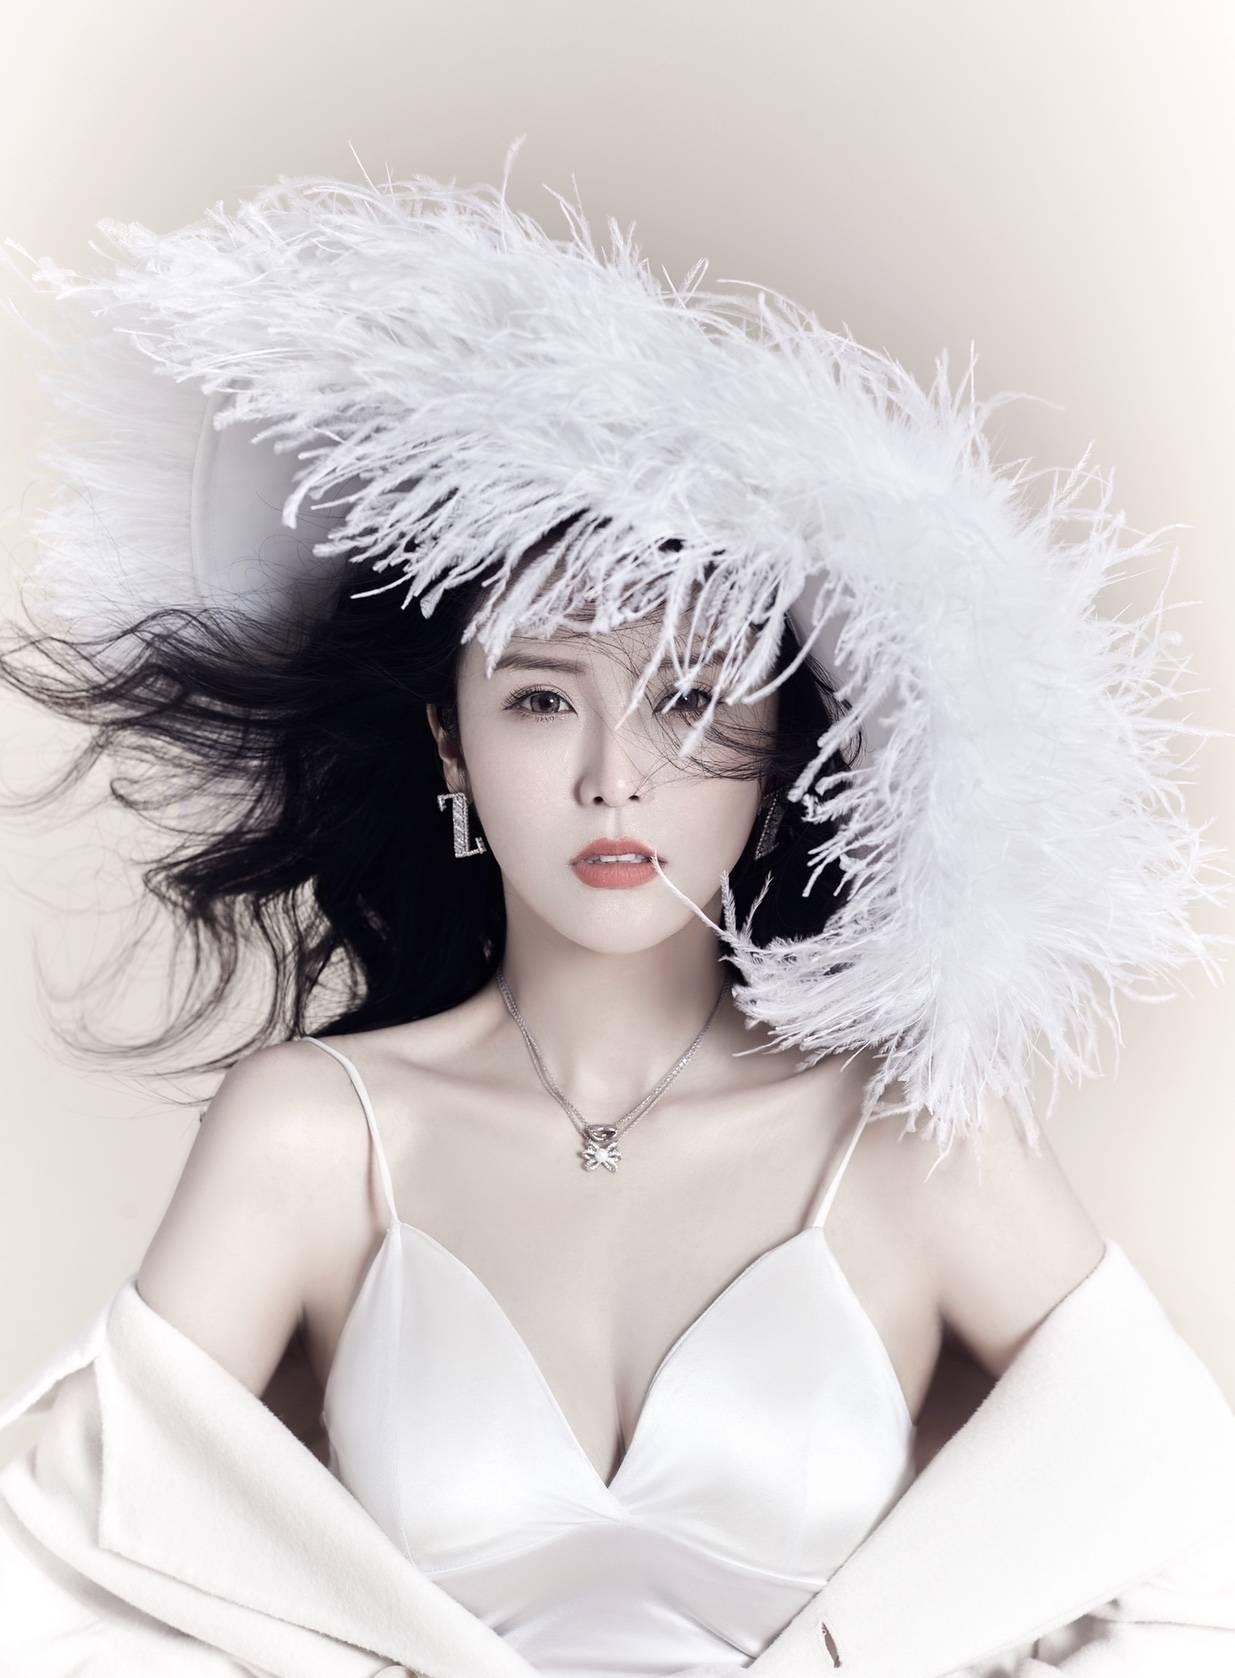 《法医秦明》系列播出 王磊的角色不简单 弹幕区成为亮点